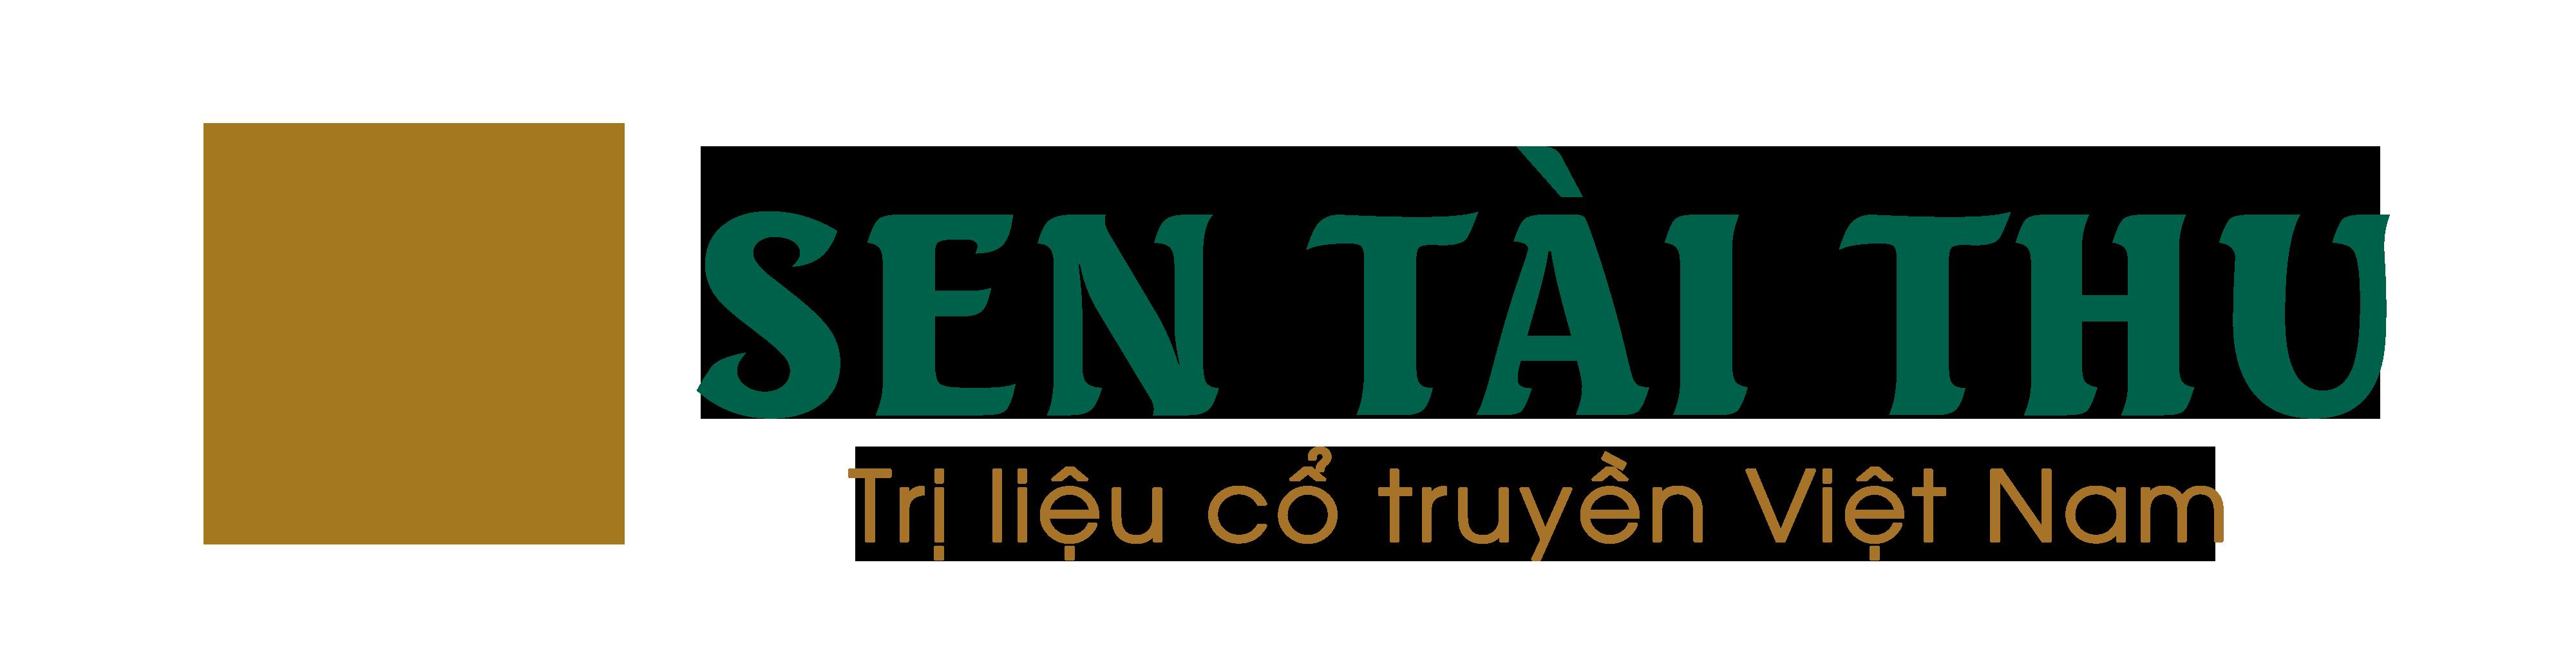 Tập Đoàn Sen Tài Thu Việt Nam